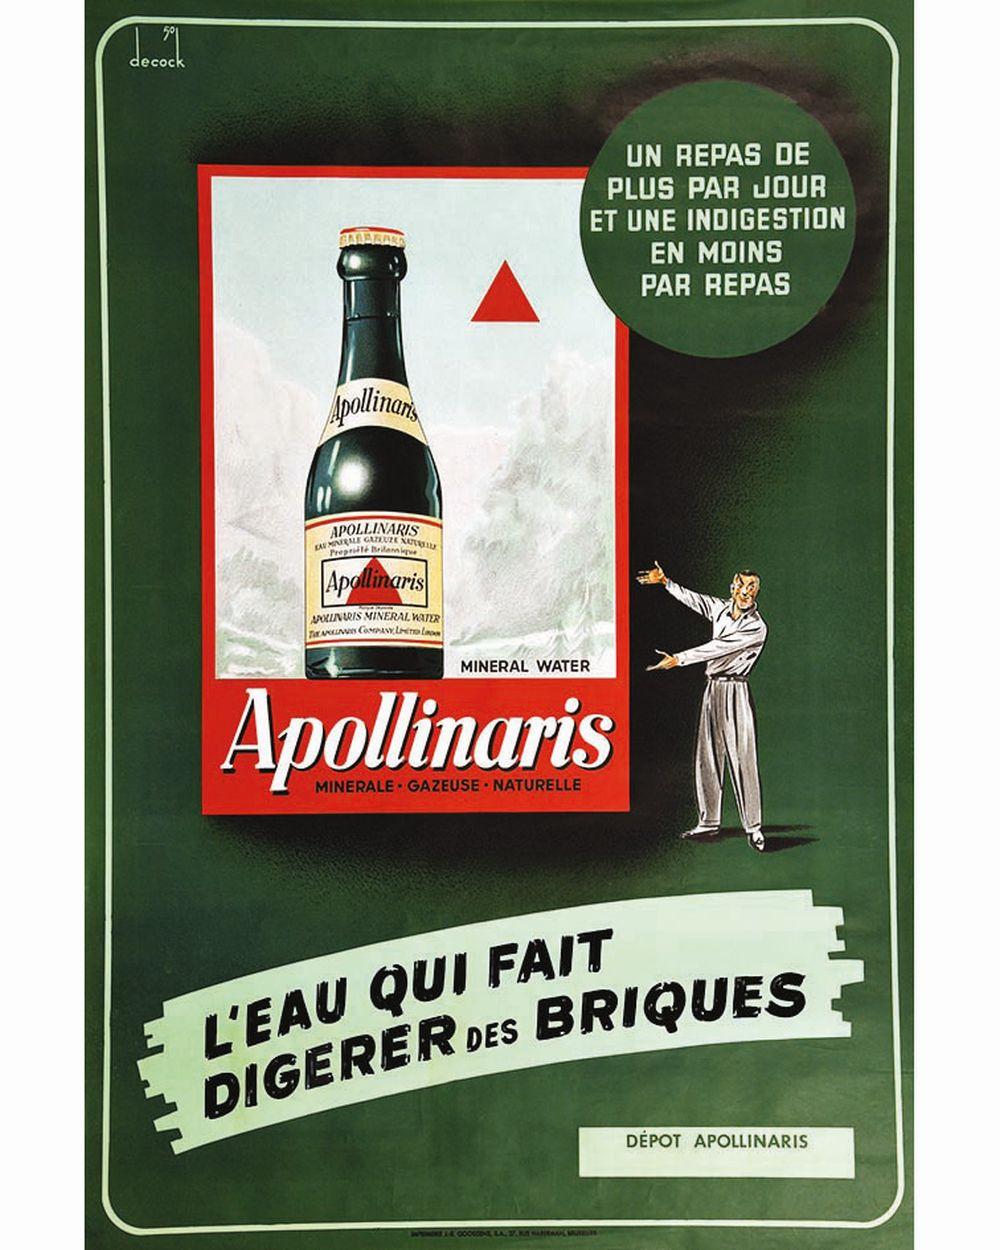 DECOCK - Apollinaris Eau Minérale Gazeuse L'Eau qui fait digerer des Briques     1950